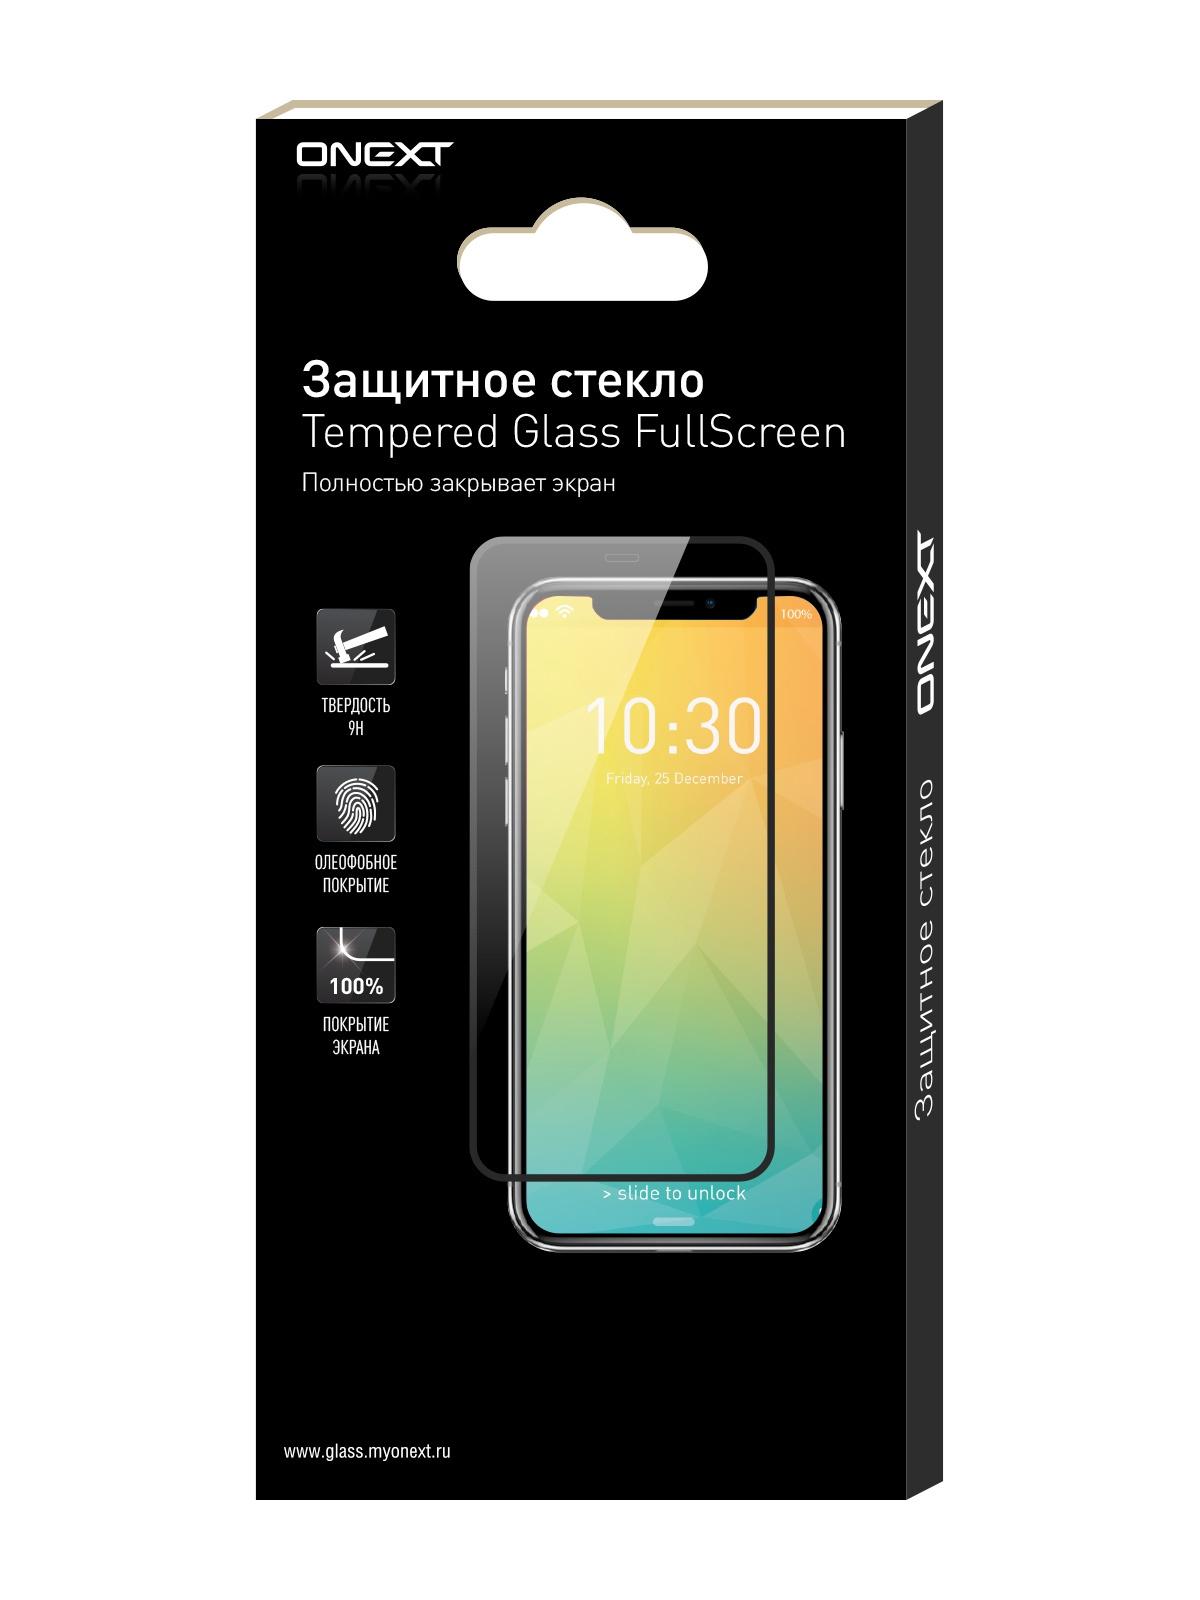 Защитное стекло ONEXT iPhone 6/6S с рамкой c силиконовыми краями защитное стекло с силиконовыми краями perfeo для черного iphone 6 6s глянцевое pf tg3d iph6 blk